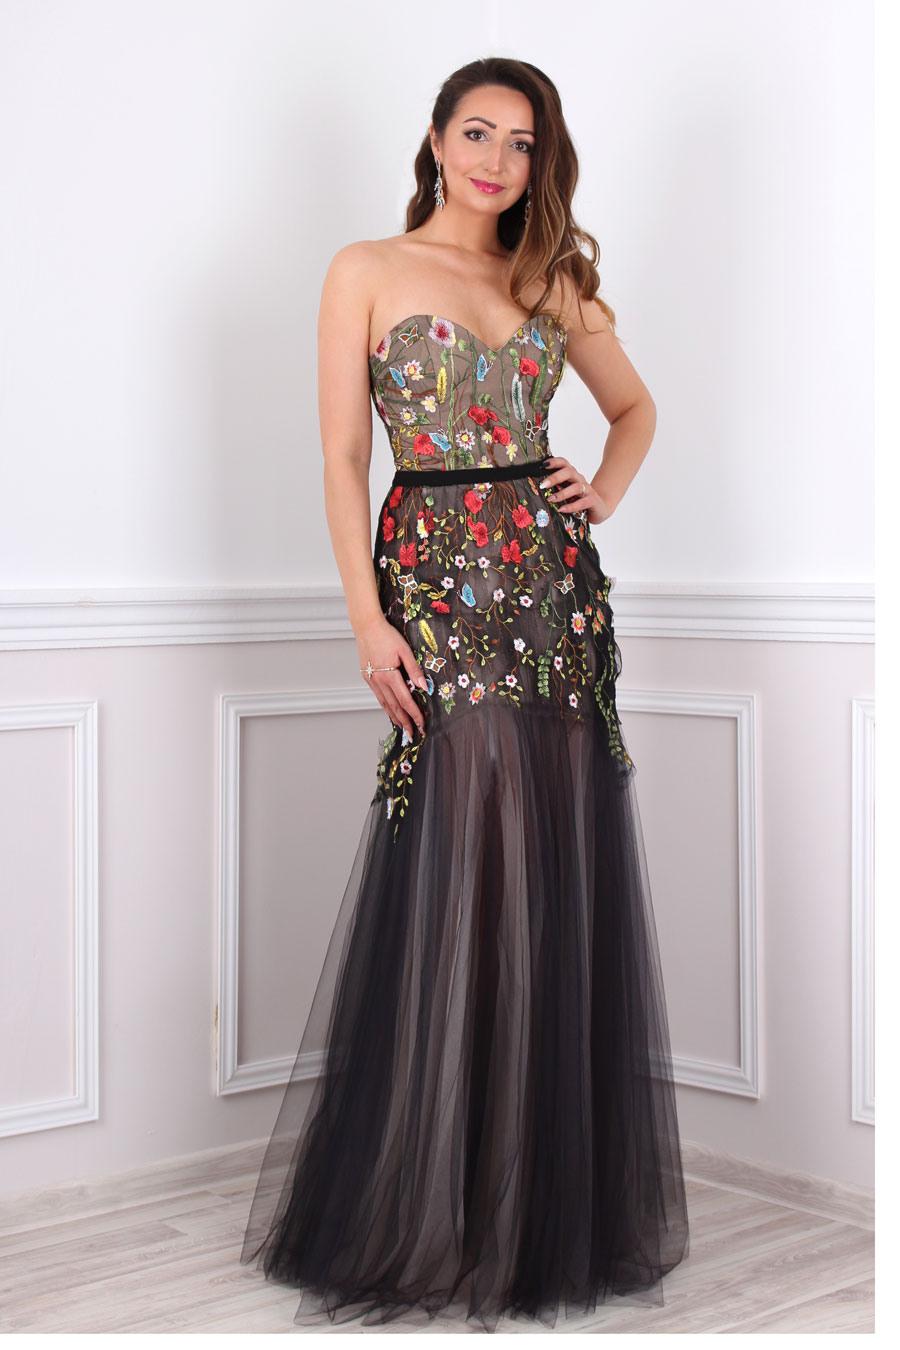 Formal Luxurius Abendkleider Ungarn BoutiqueDesigner Erstaunlich Abendkleider Ungarn Boutique